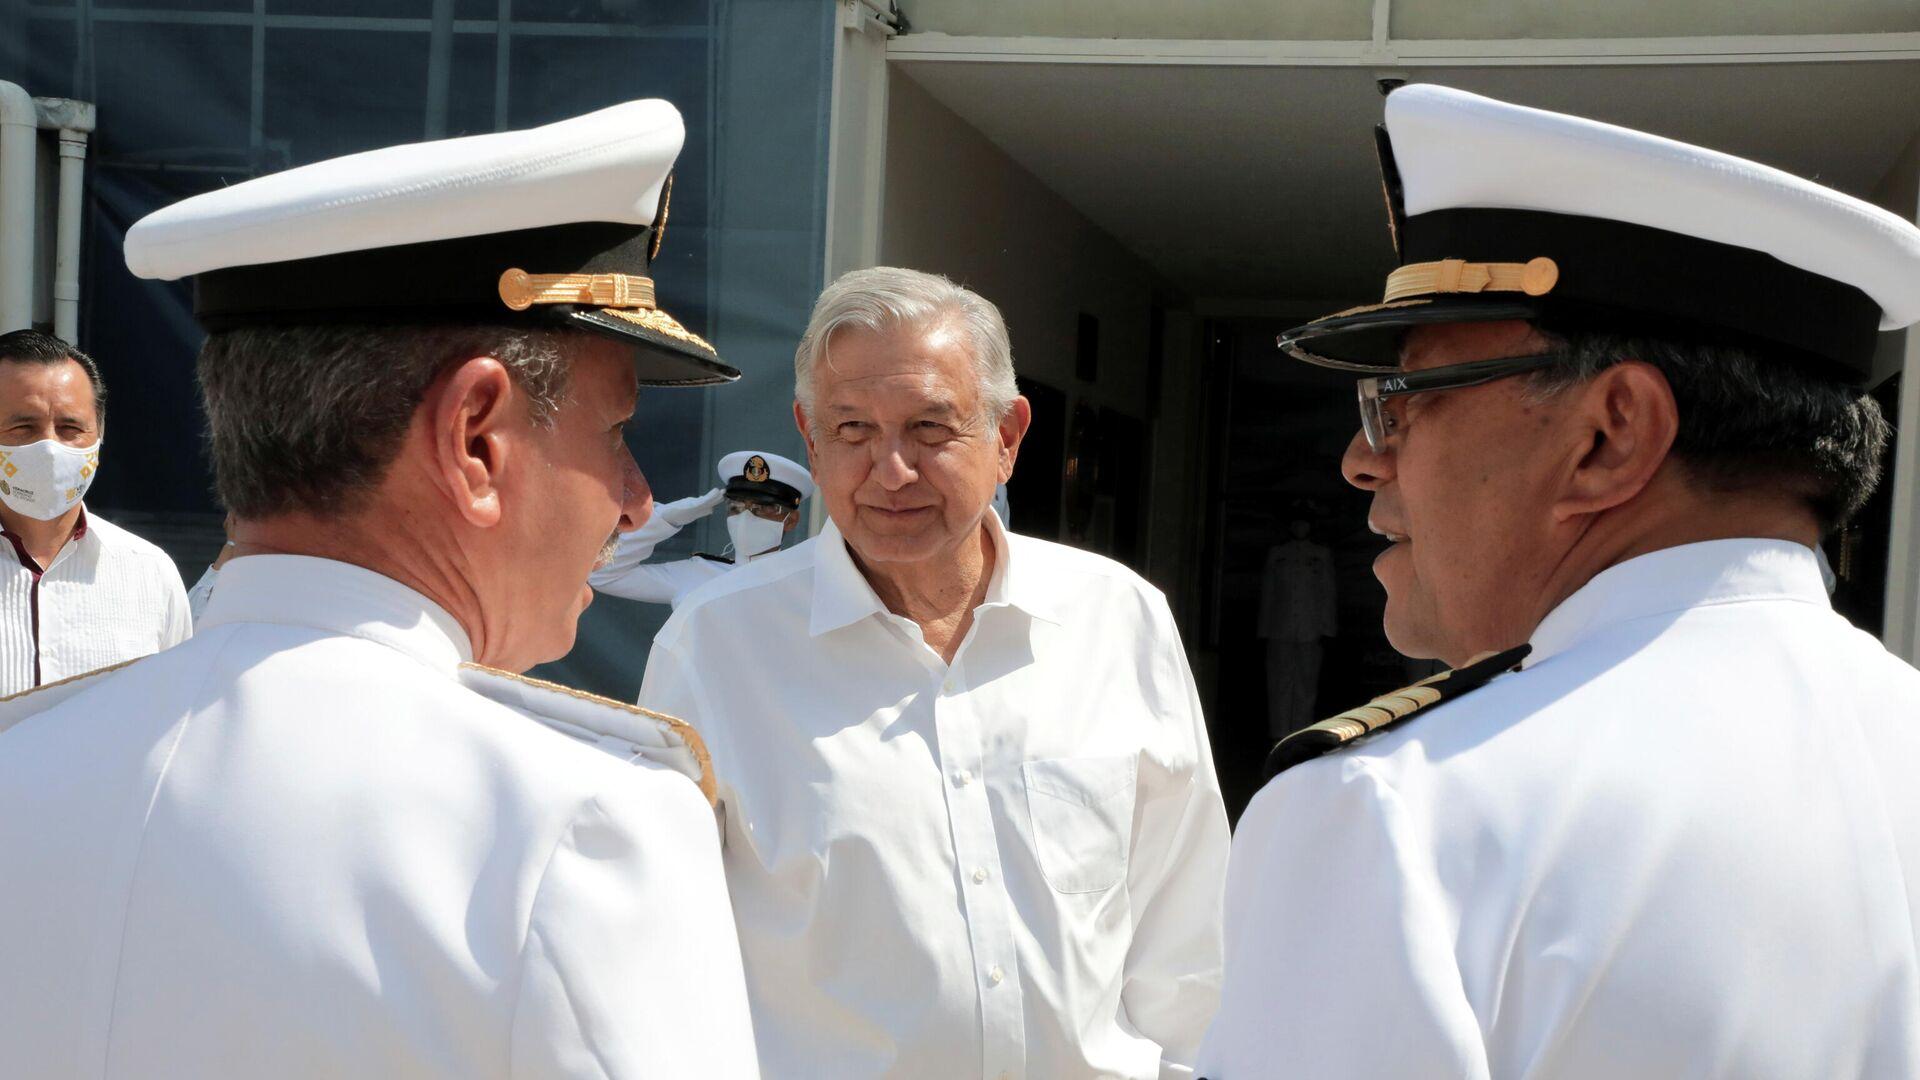 El presidente de México, Andrés Manuel López Obrador, durante el acto de integración definitiva de la Marina Mercante con la Armada - Sputnik Mundo, 1920, 01.06.2021